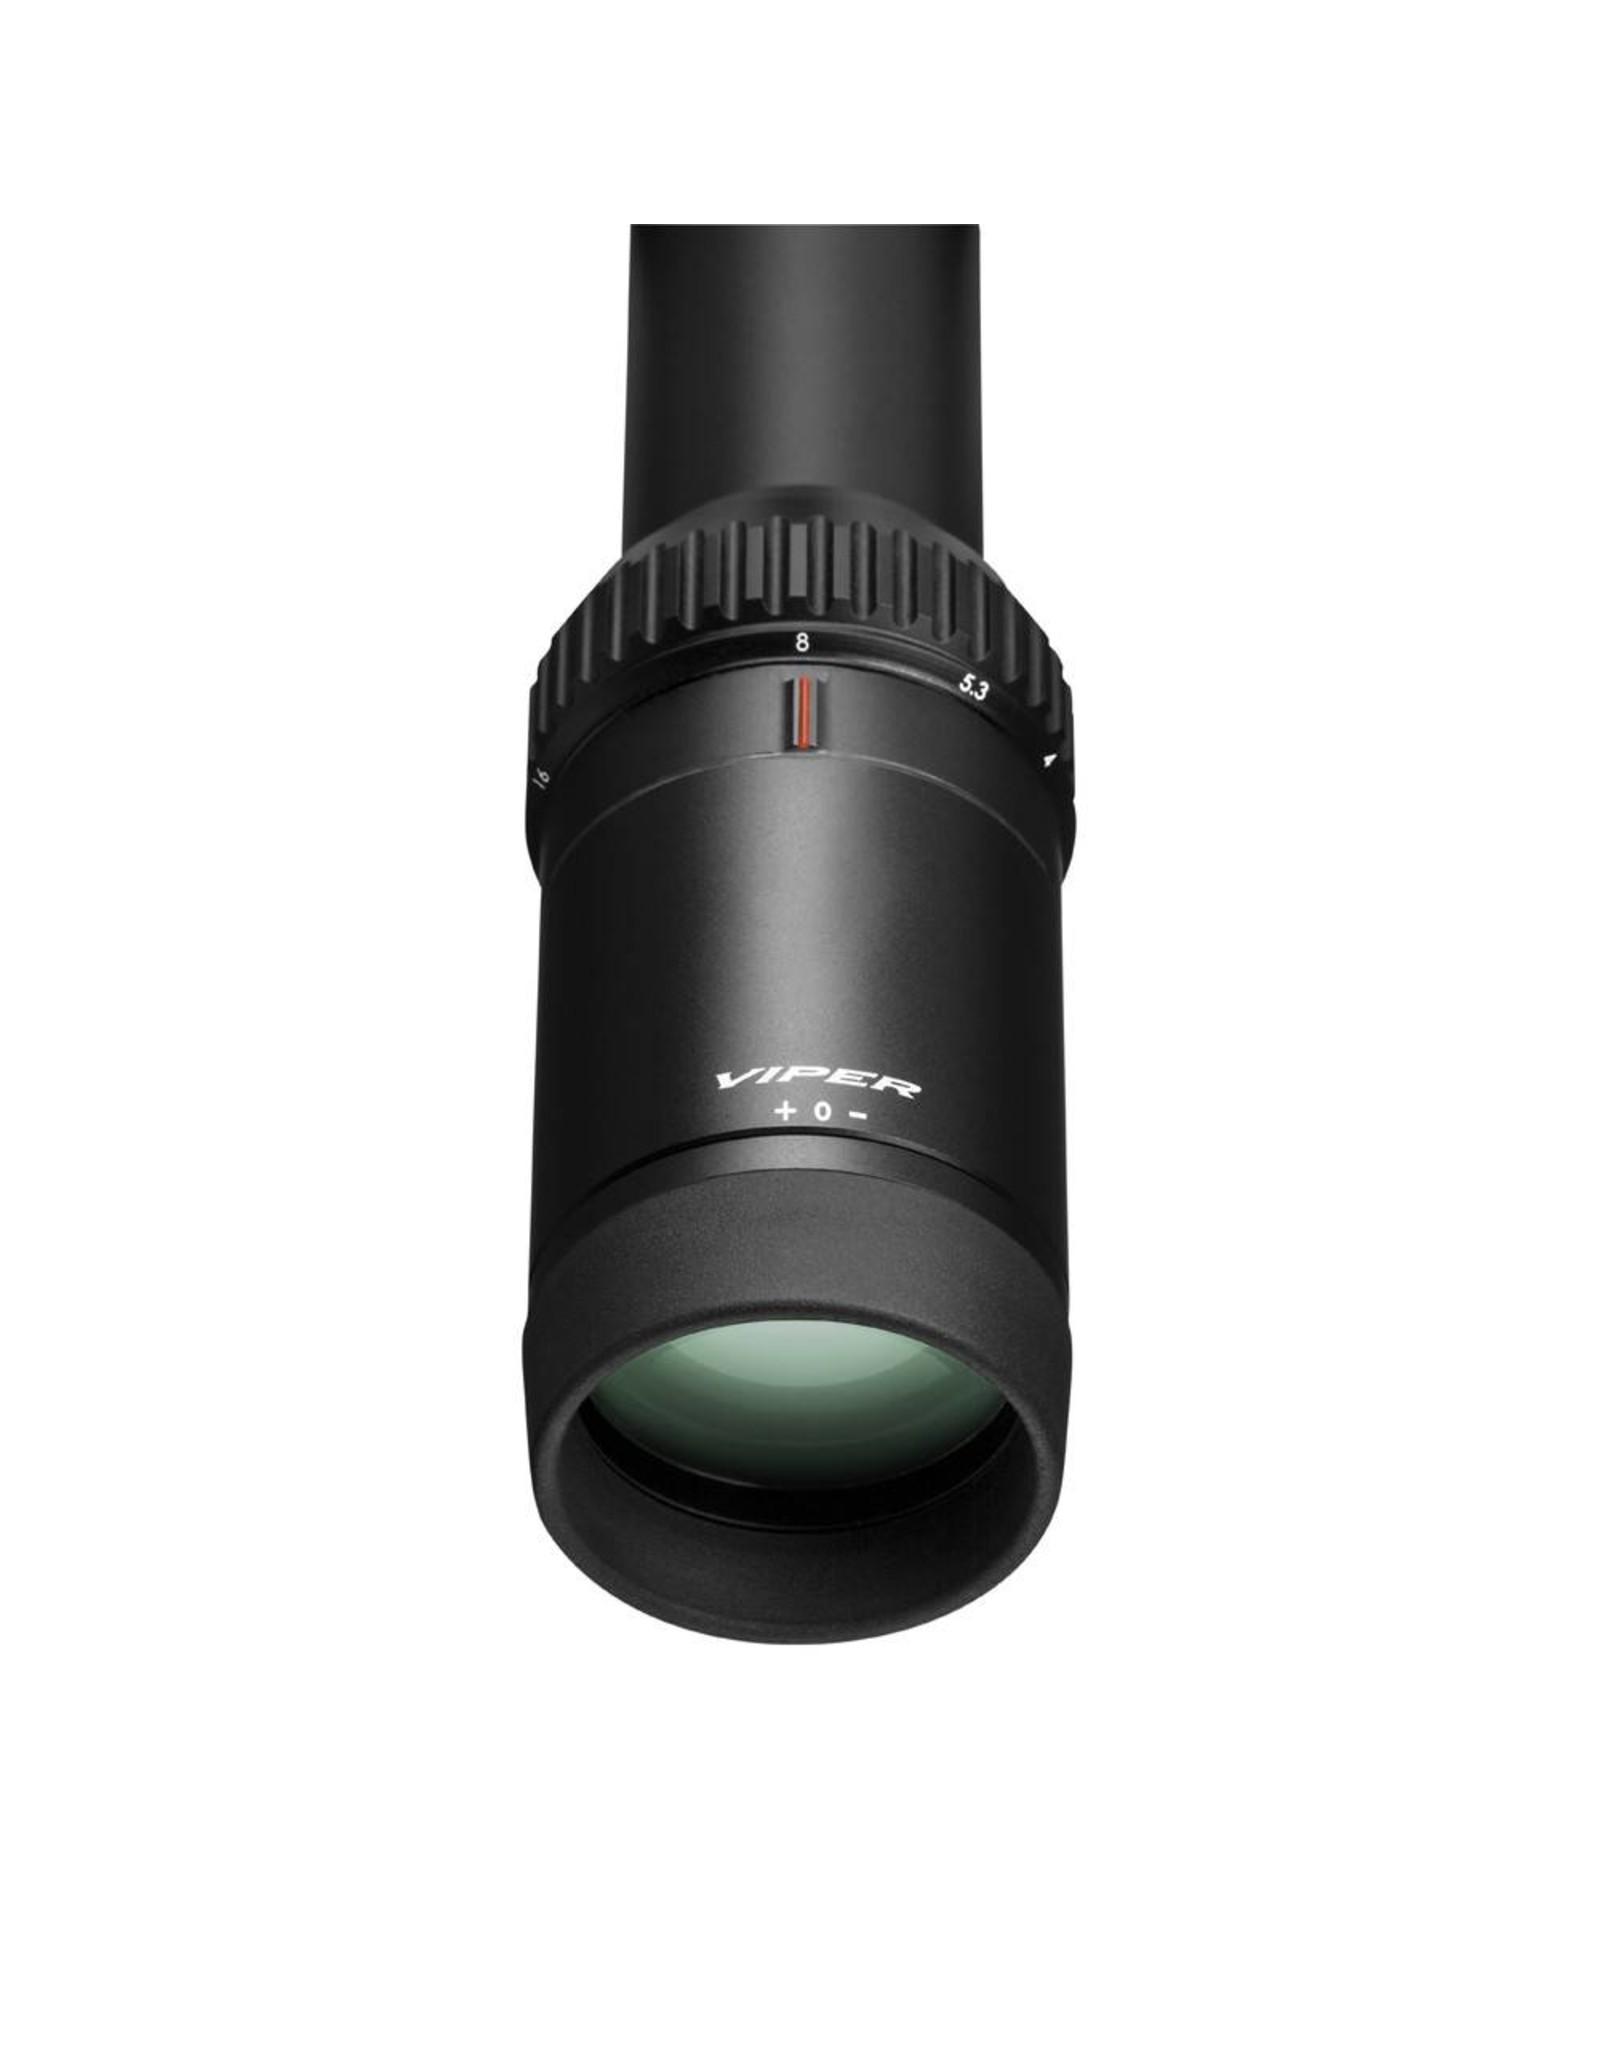 Vortex Vortex Viper HS LR 4-16x50 SFP Riflescope BDC